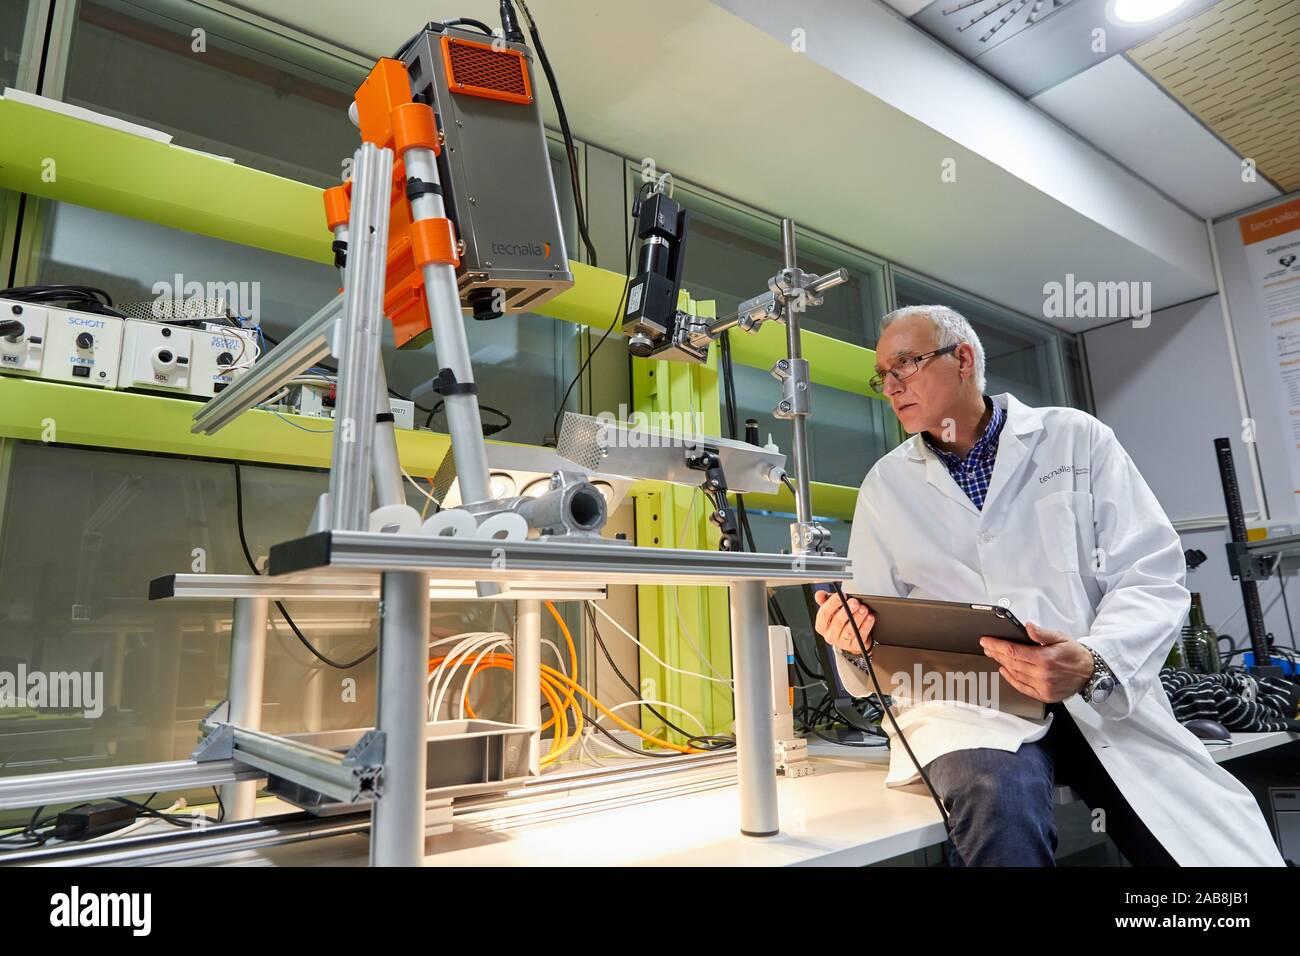 Caméra spectrale, la vision par ordinateur, de laboratoire de systèmes intelligents, de l'industrie, de l'unité Technology Centre, Tecnalia Research & Innovation, Derio, Biscaye, Pays Basque Banque D'Images